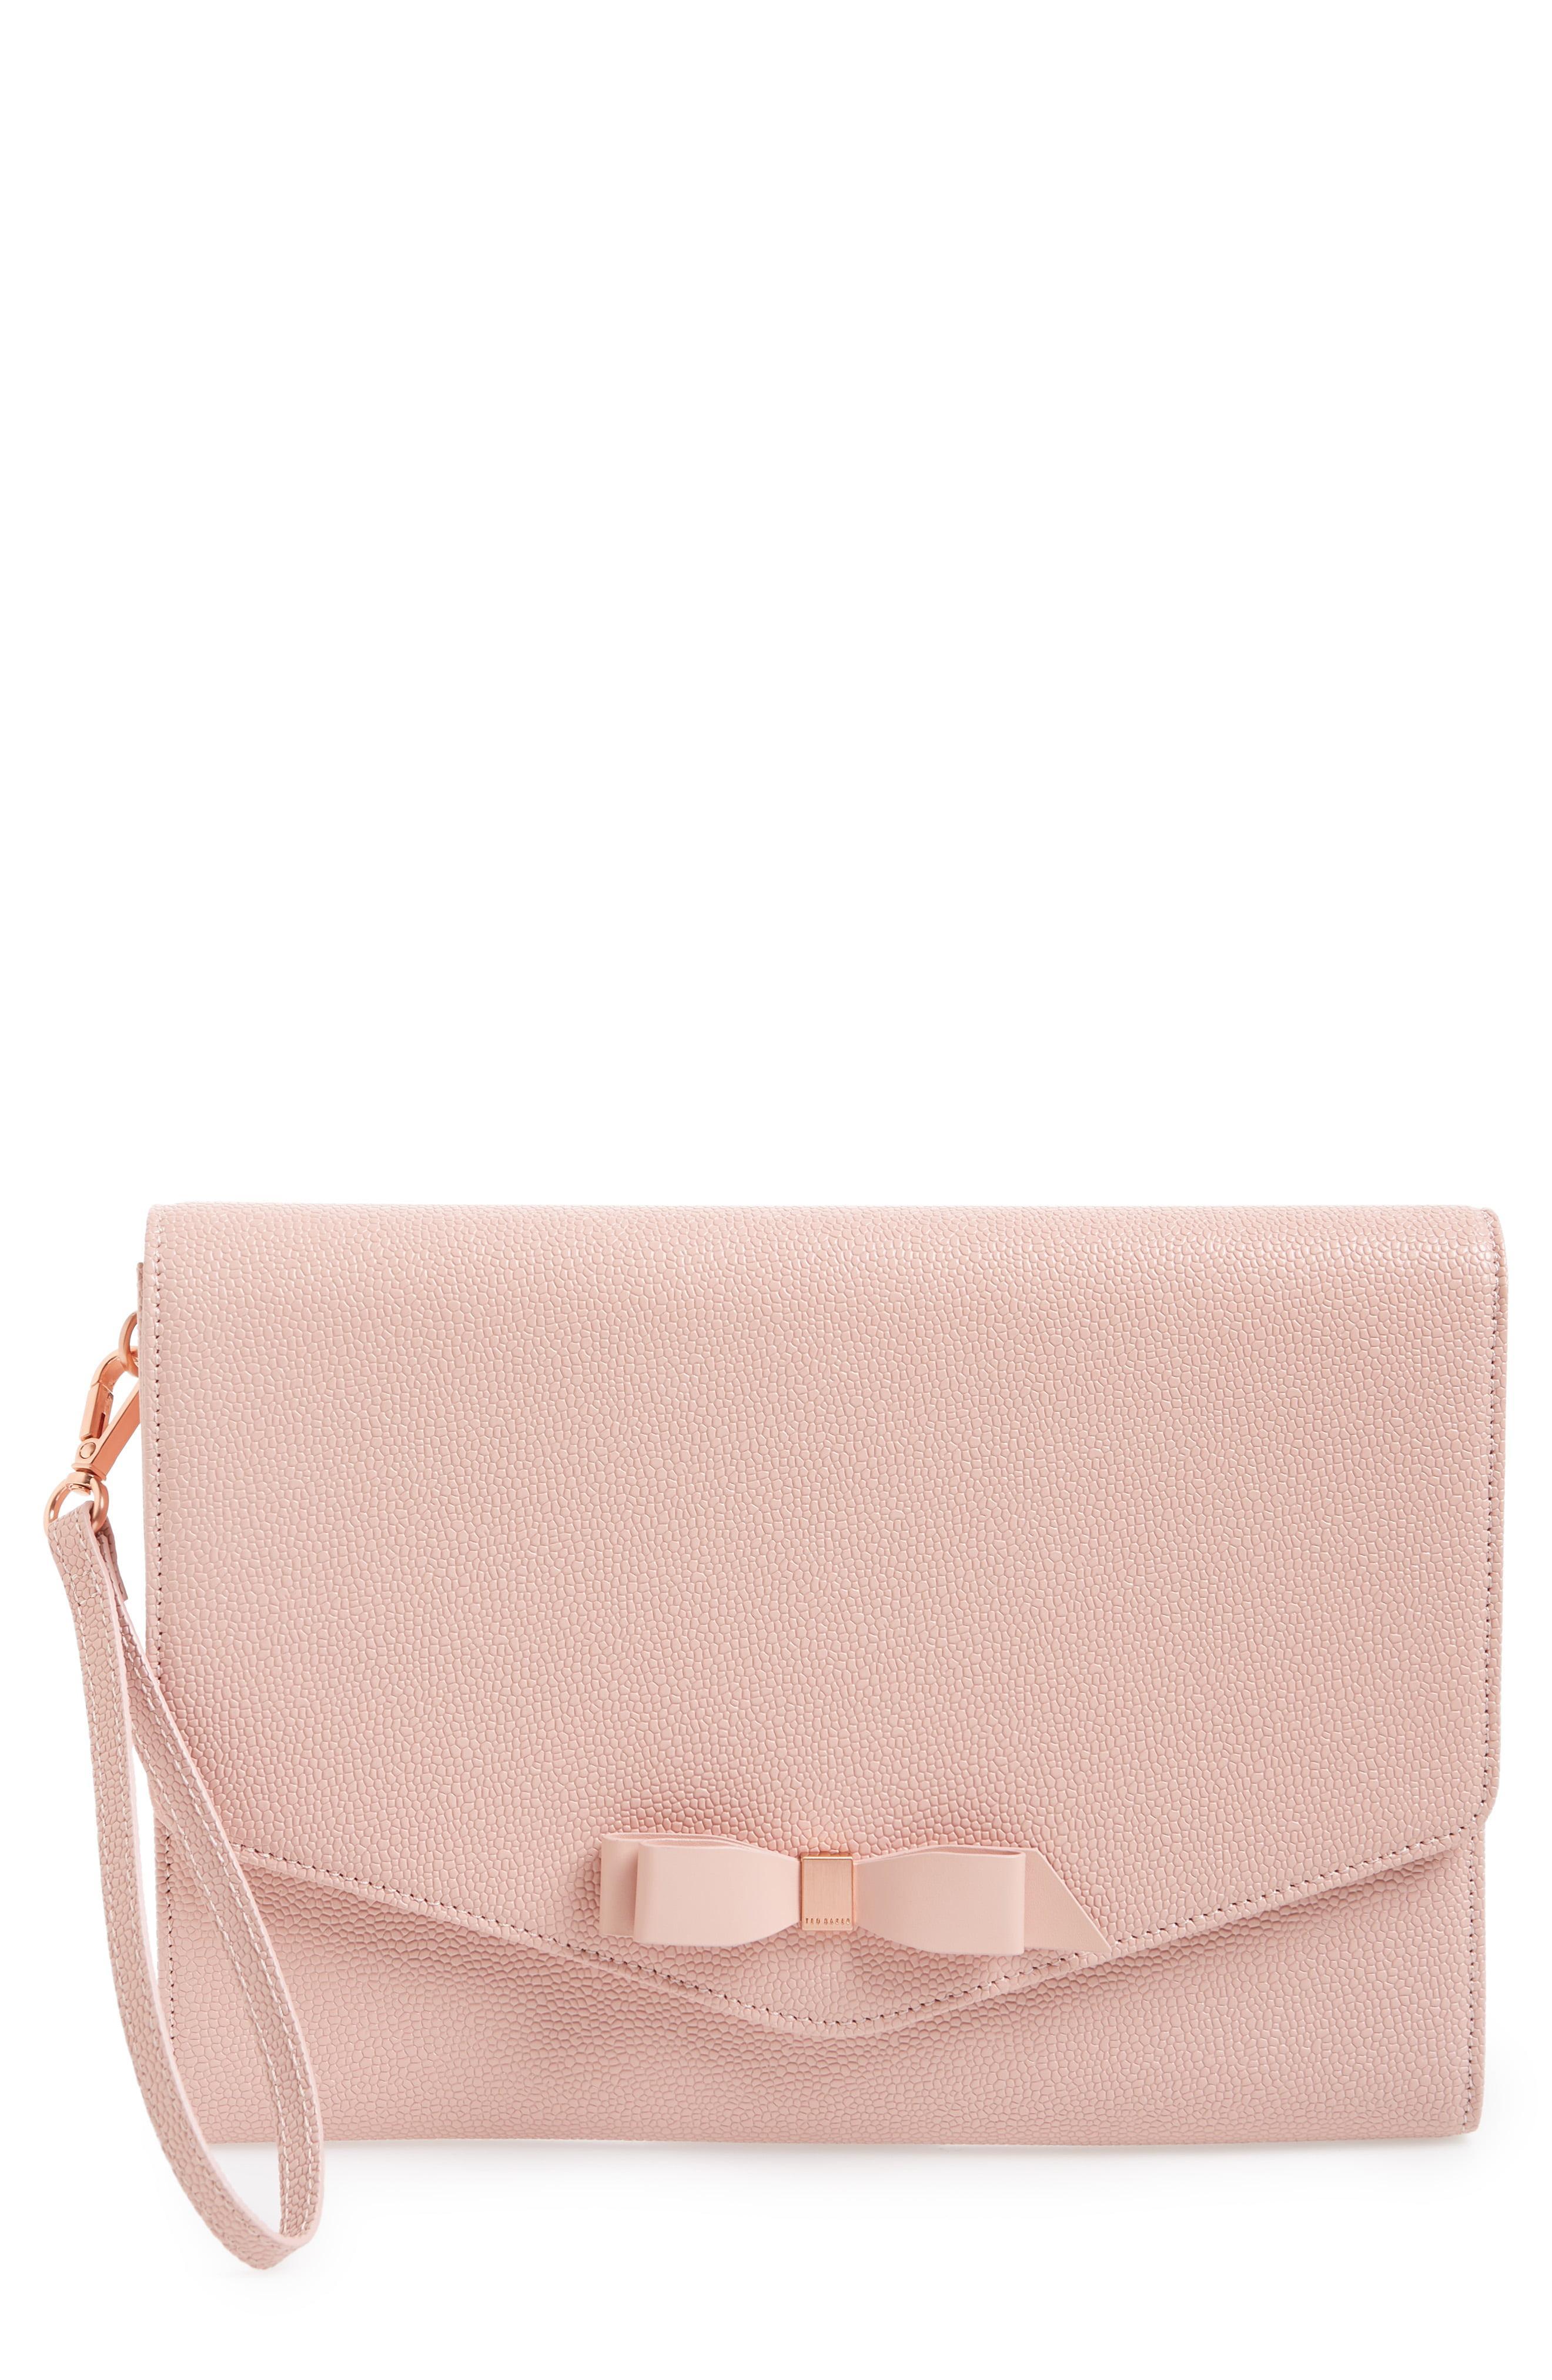 ca47106af Lyst - Ted Baker Krystan Bow Leather Envelope Clutch - in Pink